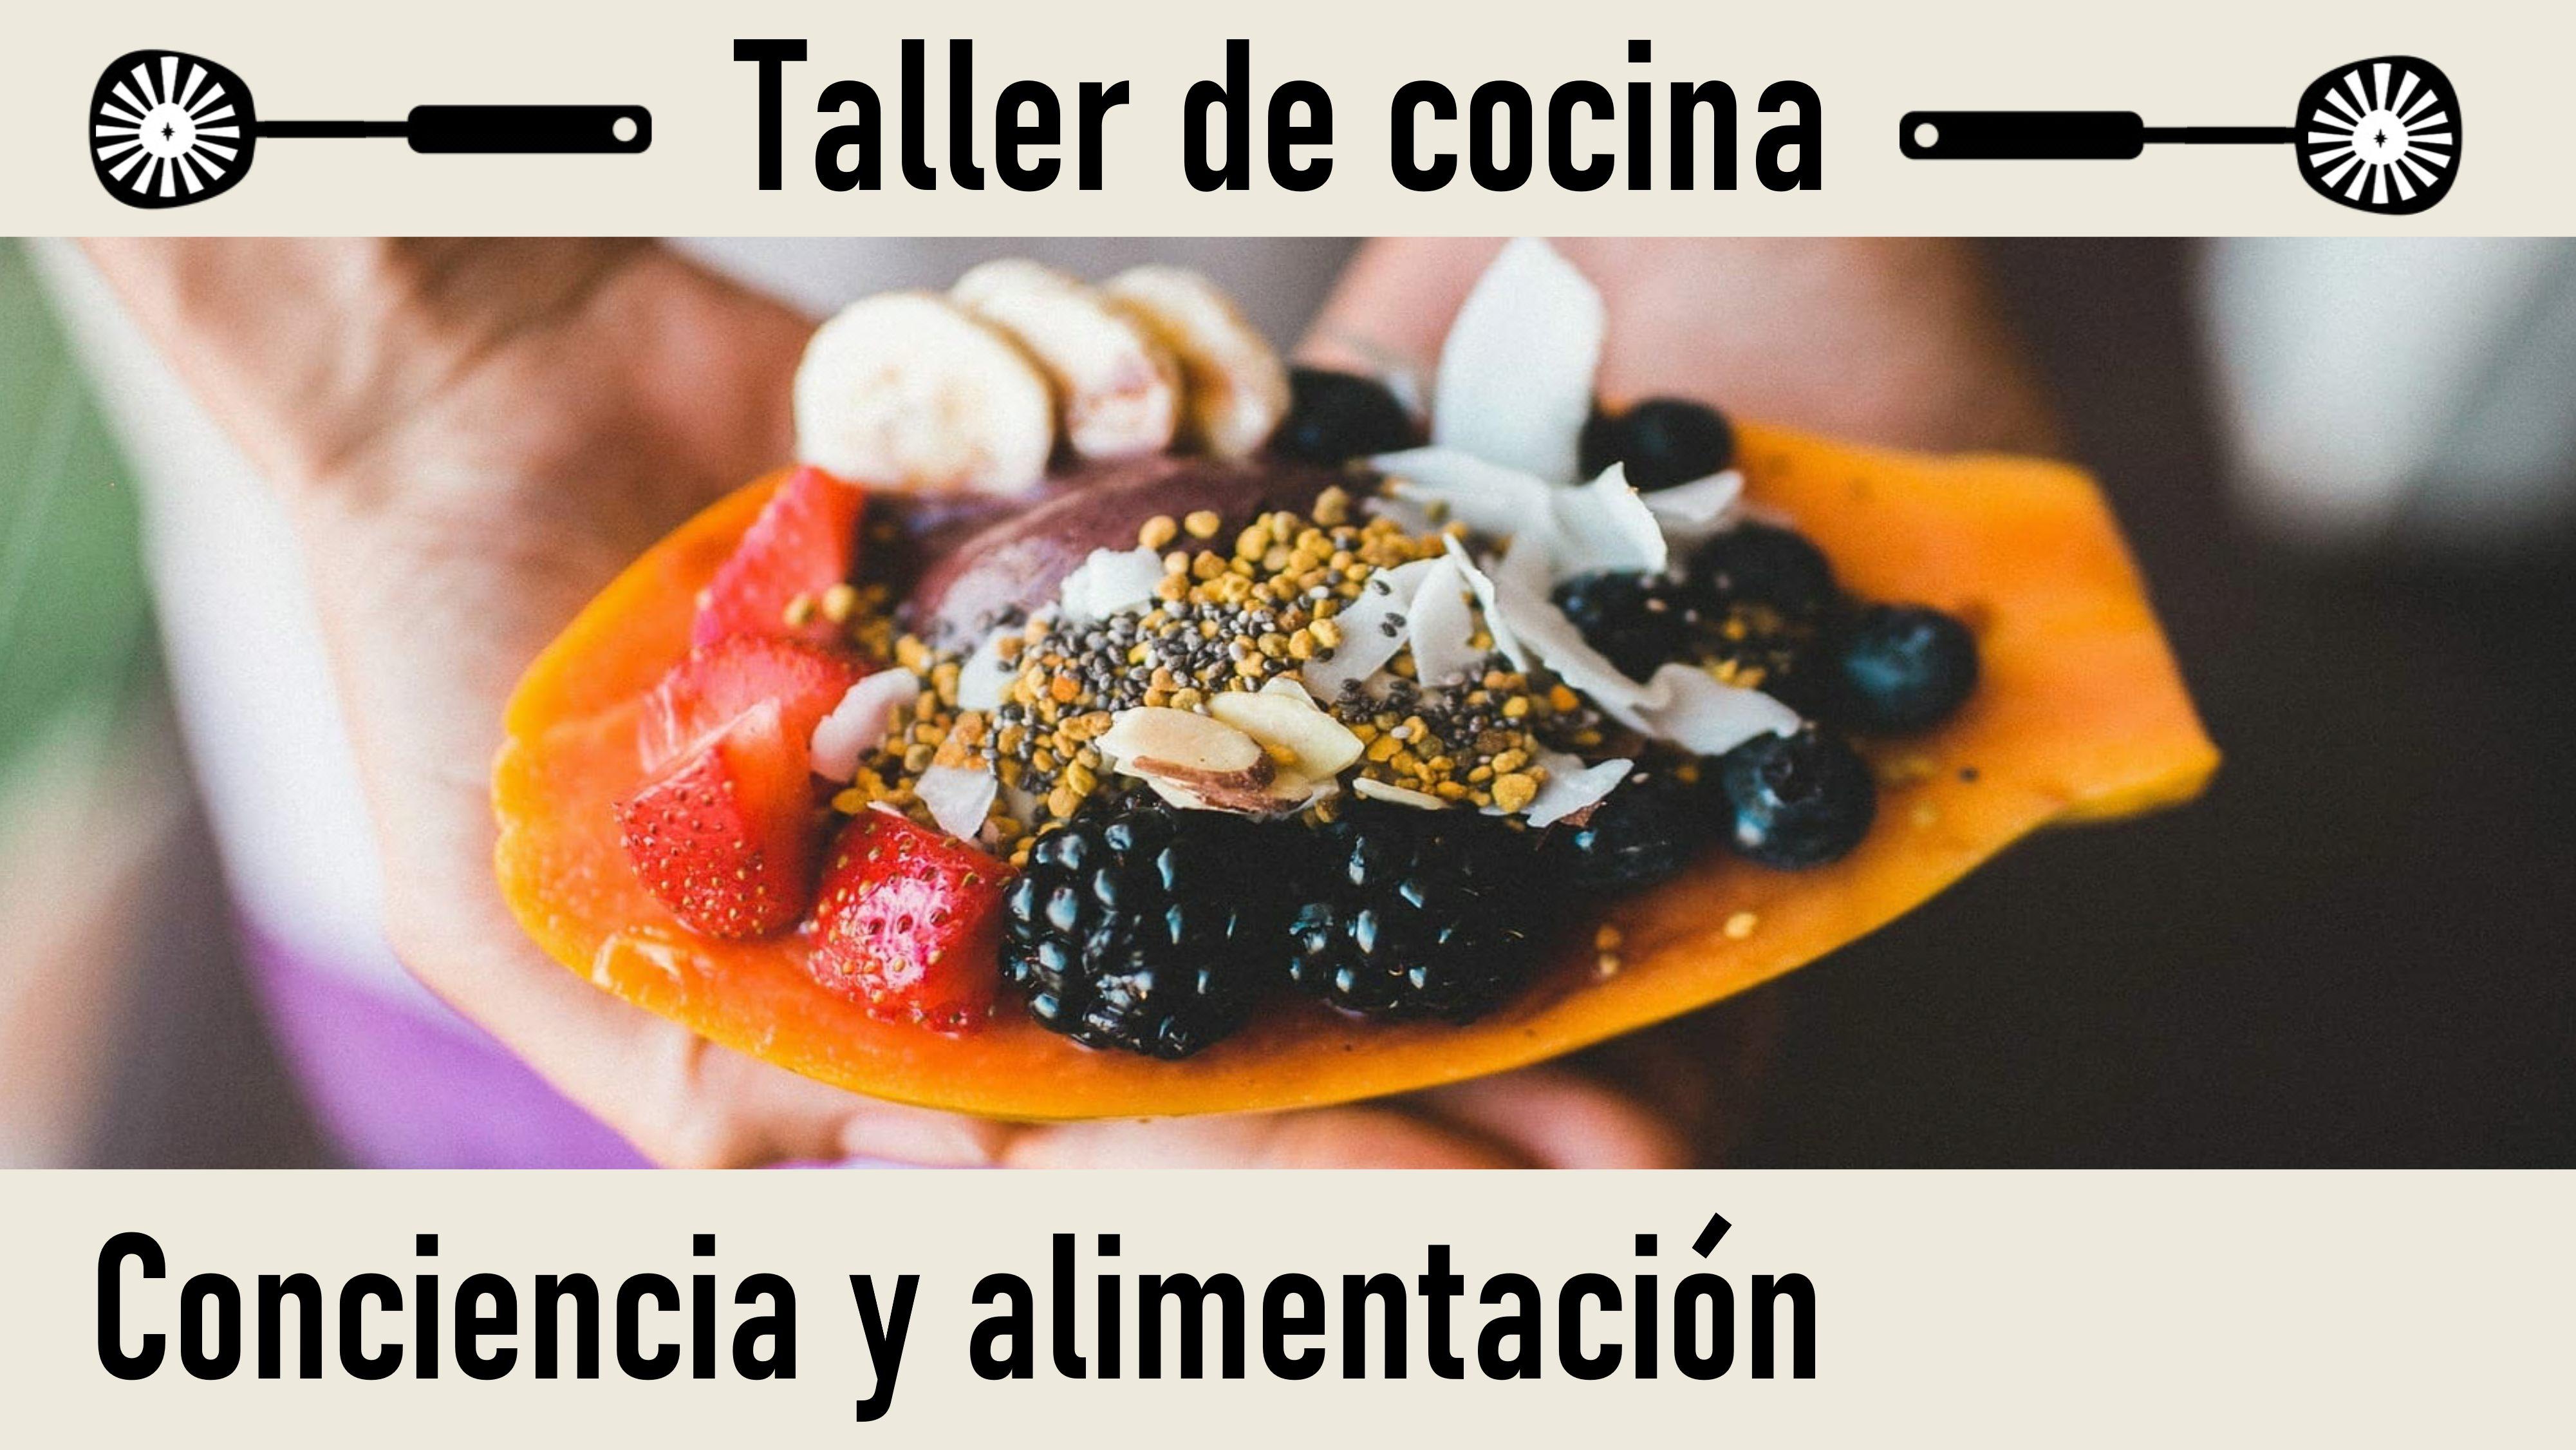 Taller de Cocina.Conferencia: Conciencia y alimentación (1 Junio 2020) On-line desde Madrid